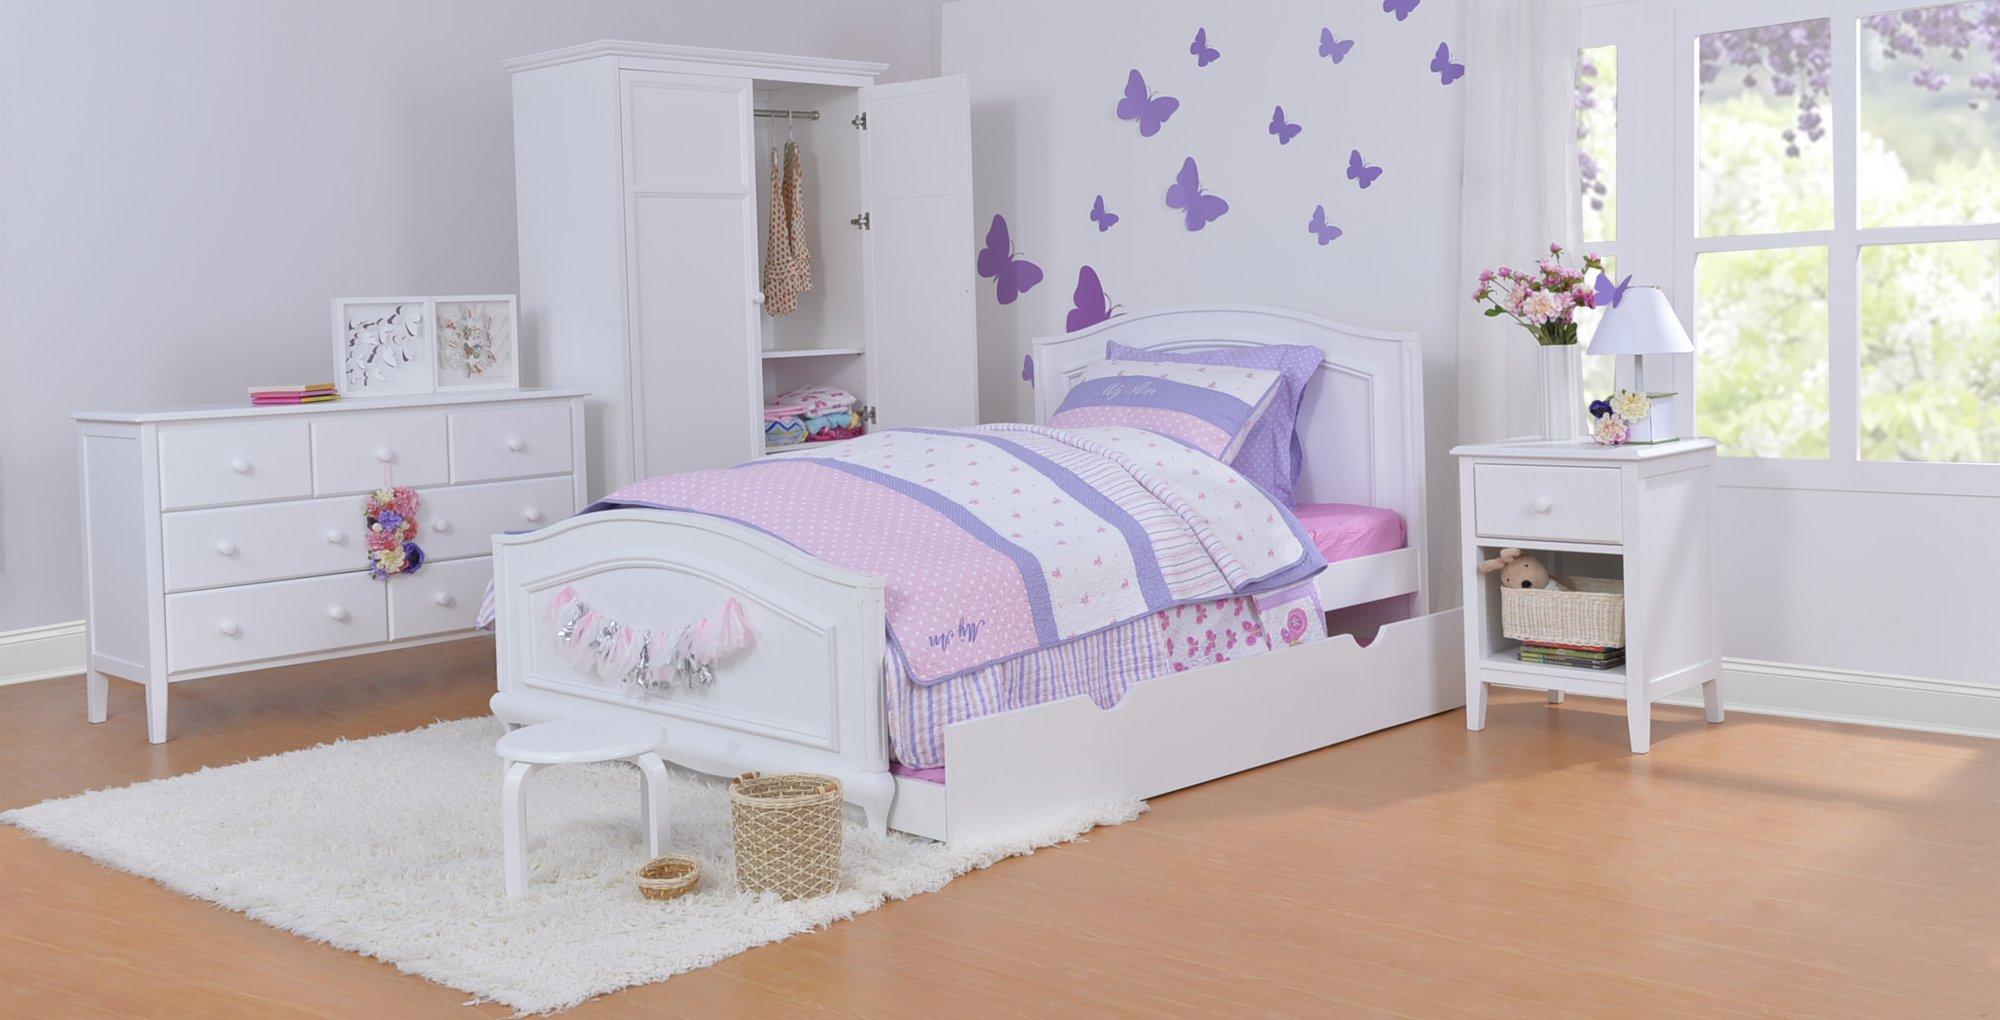 Nếu cô gái bé bỏng của bạn là một người yêu thích sự giản đơn, thuần khiết, bạn có thể chọn gam màu trắng để điểm tô cho không gian phòng ngủ